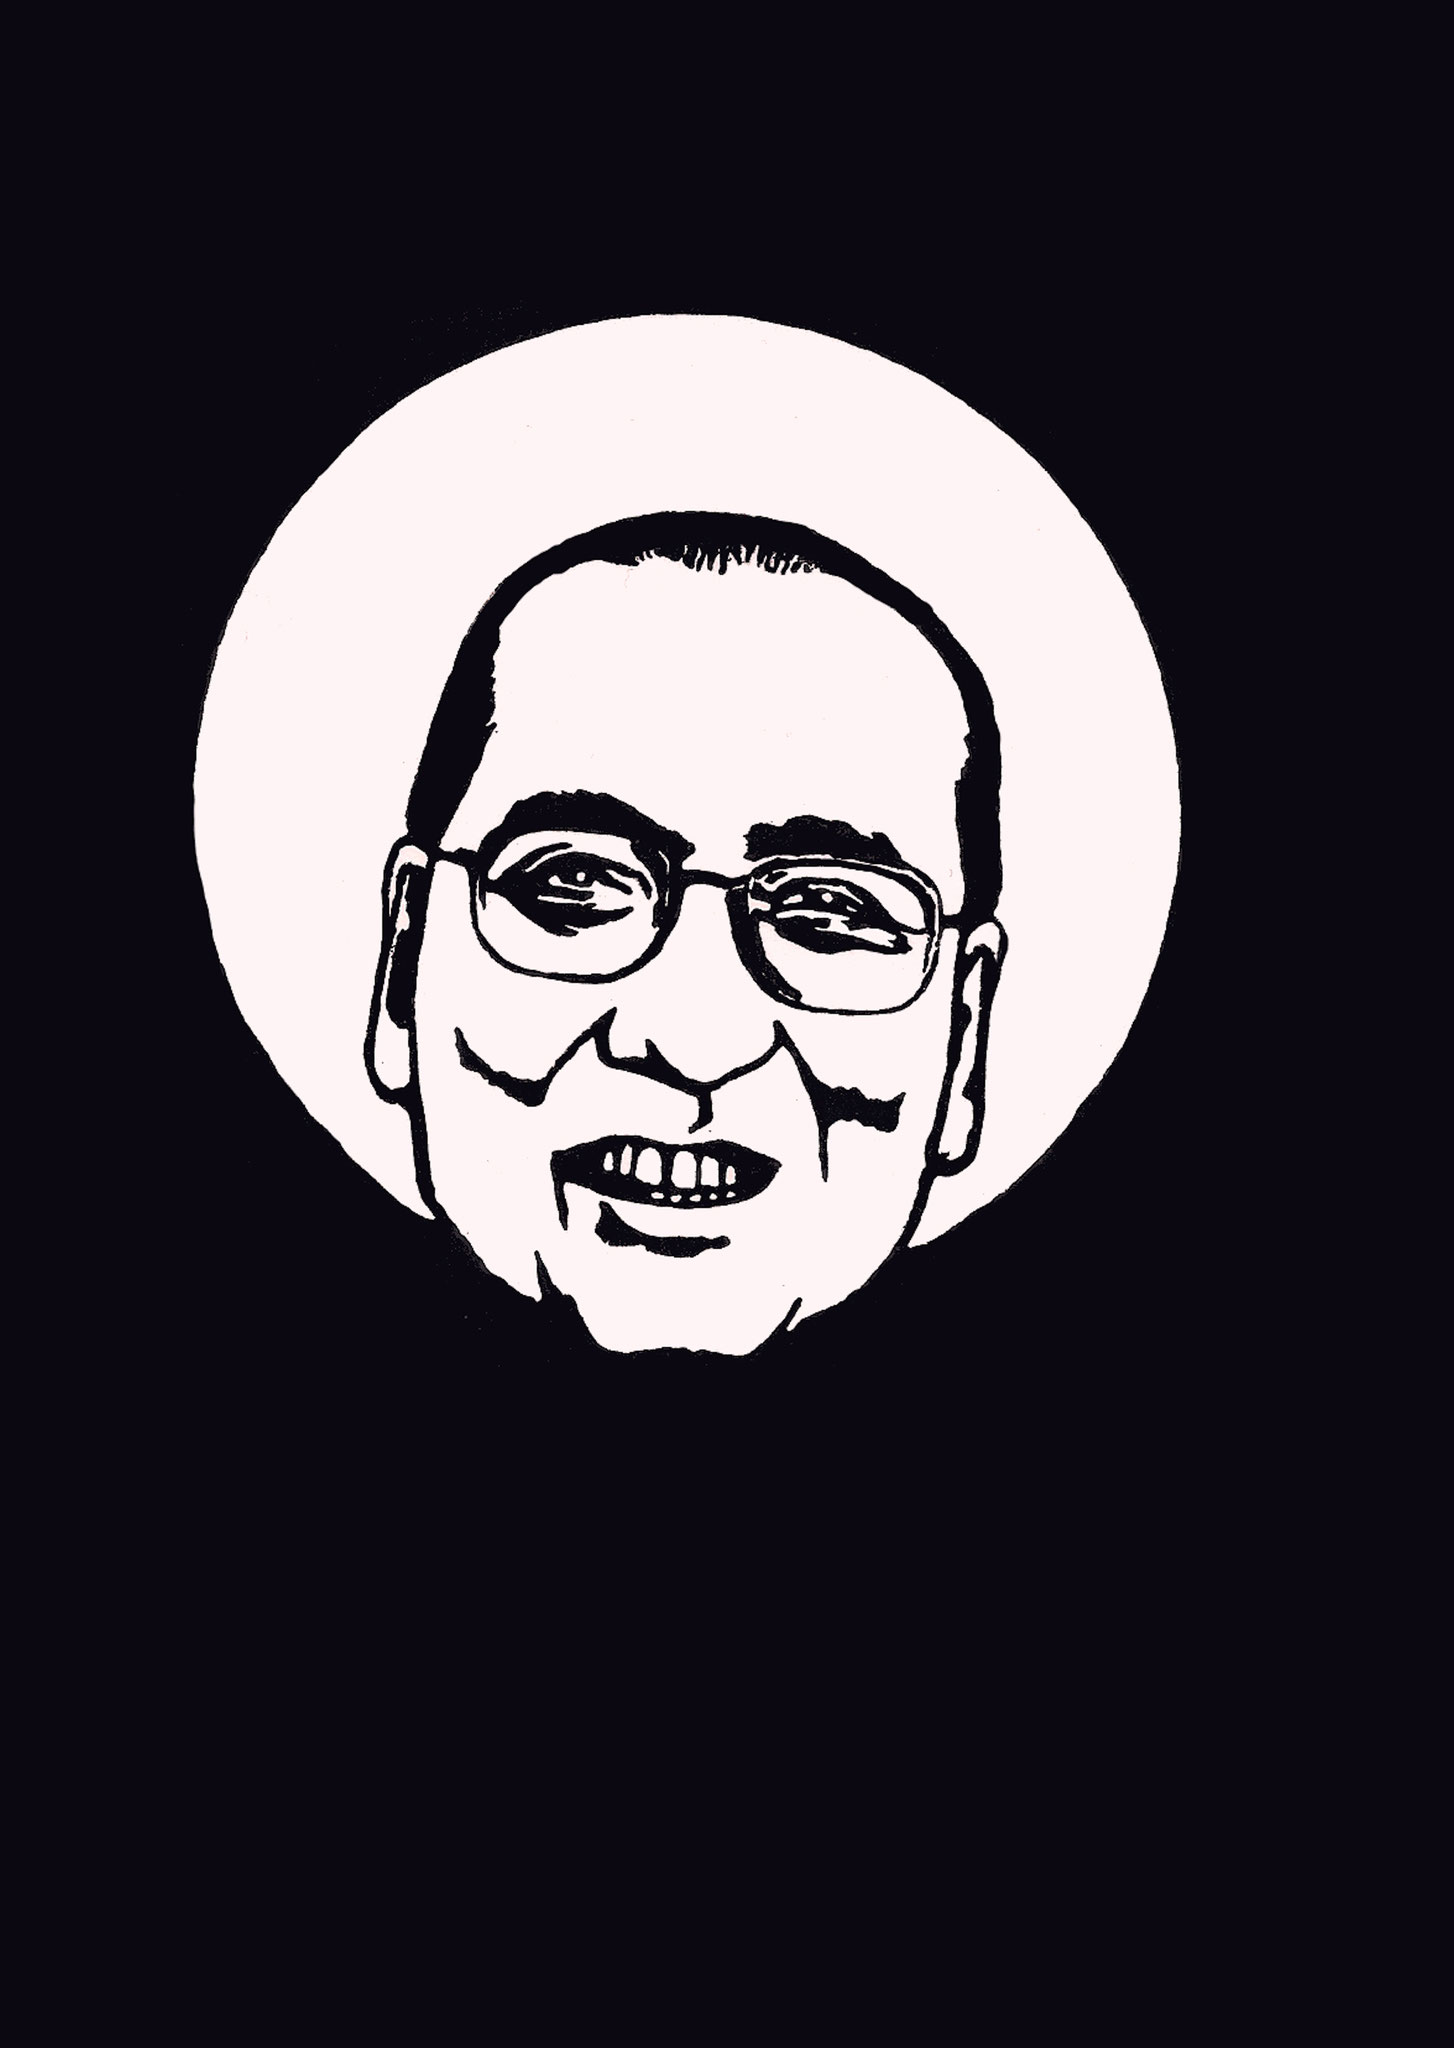 Liu Xiaobo, 17/12/2017, Edition 5, A5